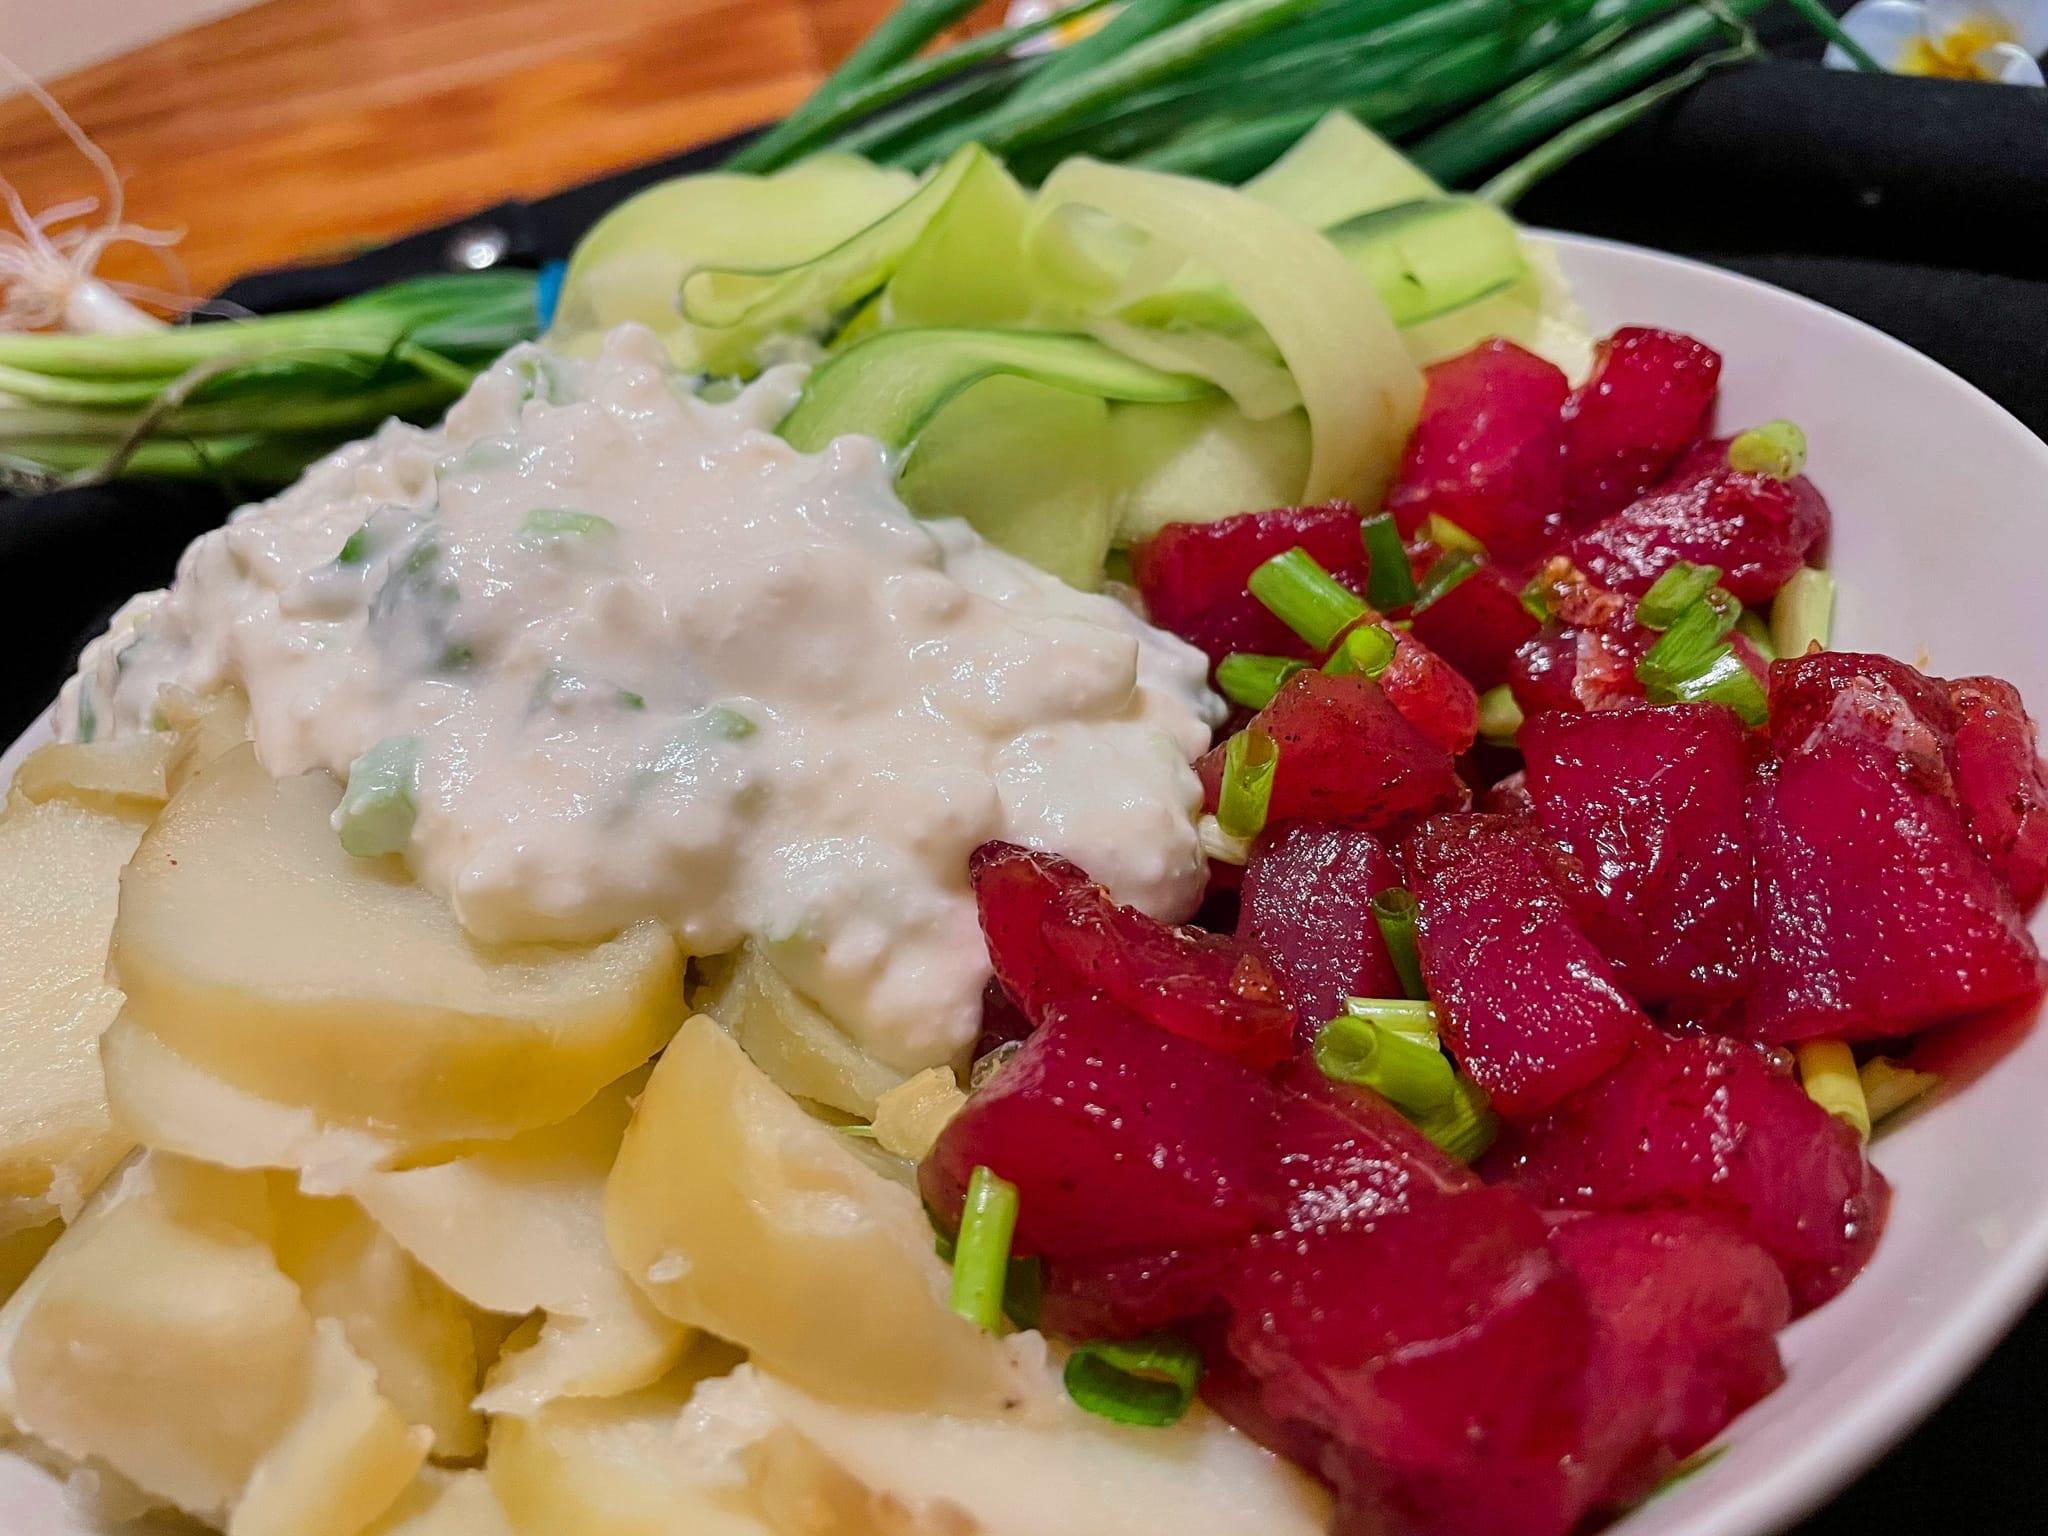 Le bol est composé de thon en petits cubes, de pommes de terre en rondelles, de courgettes en tagliatelles et il est recouvert d'une crème à la feta.